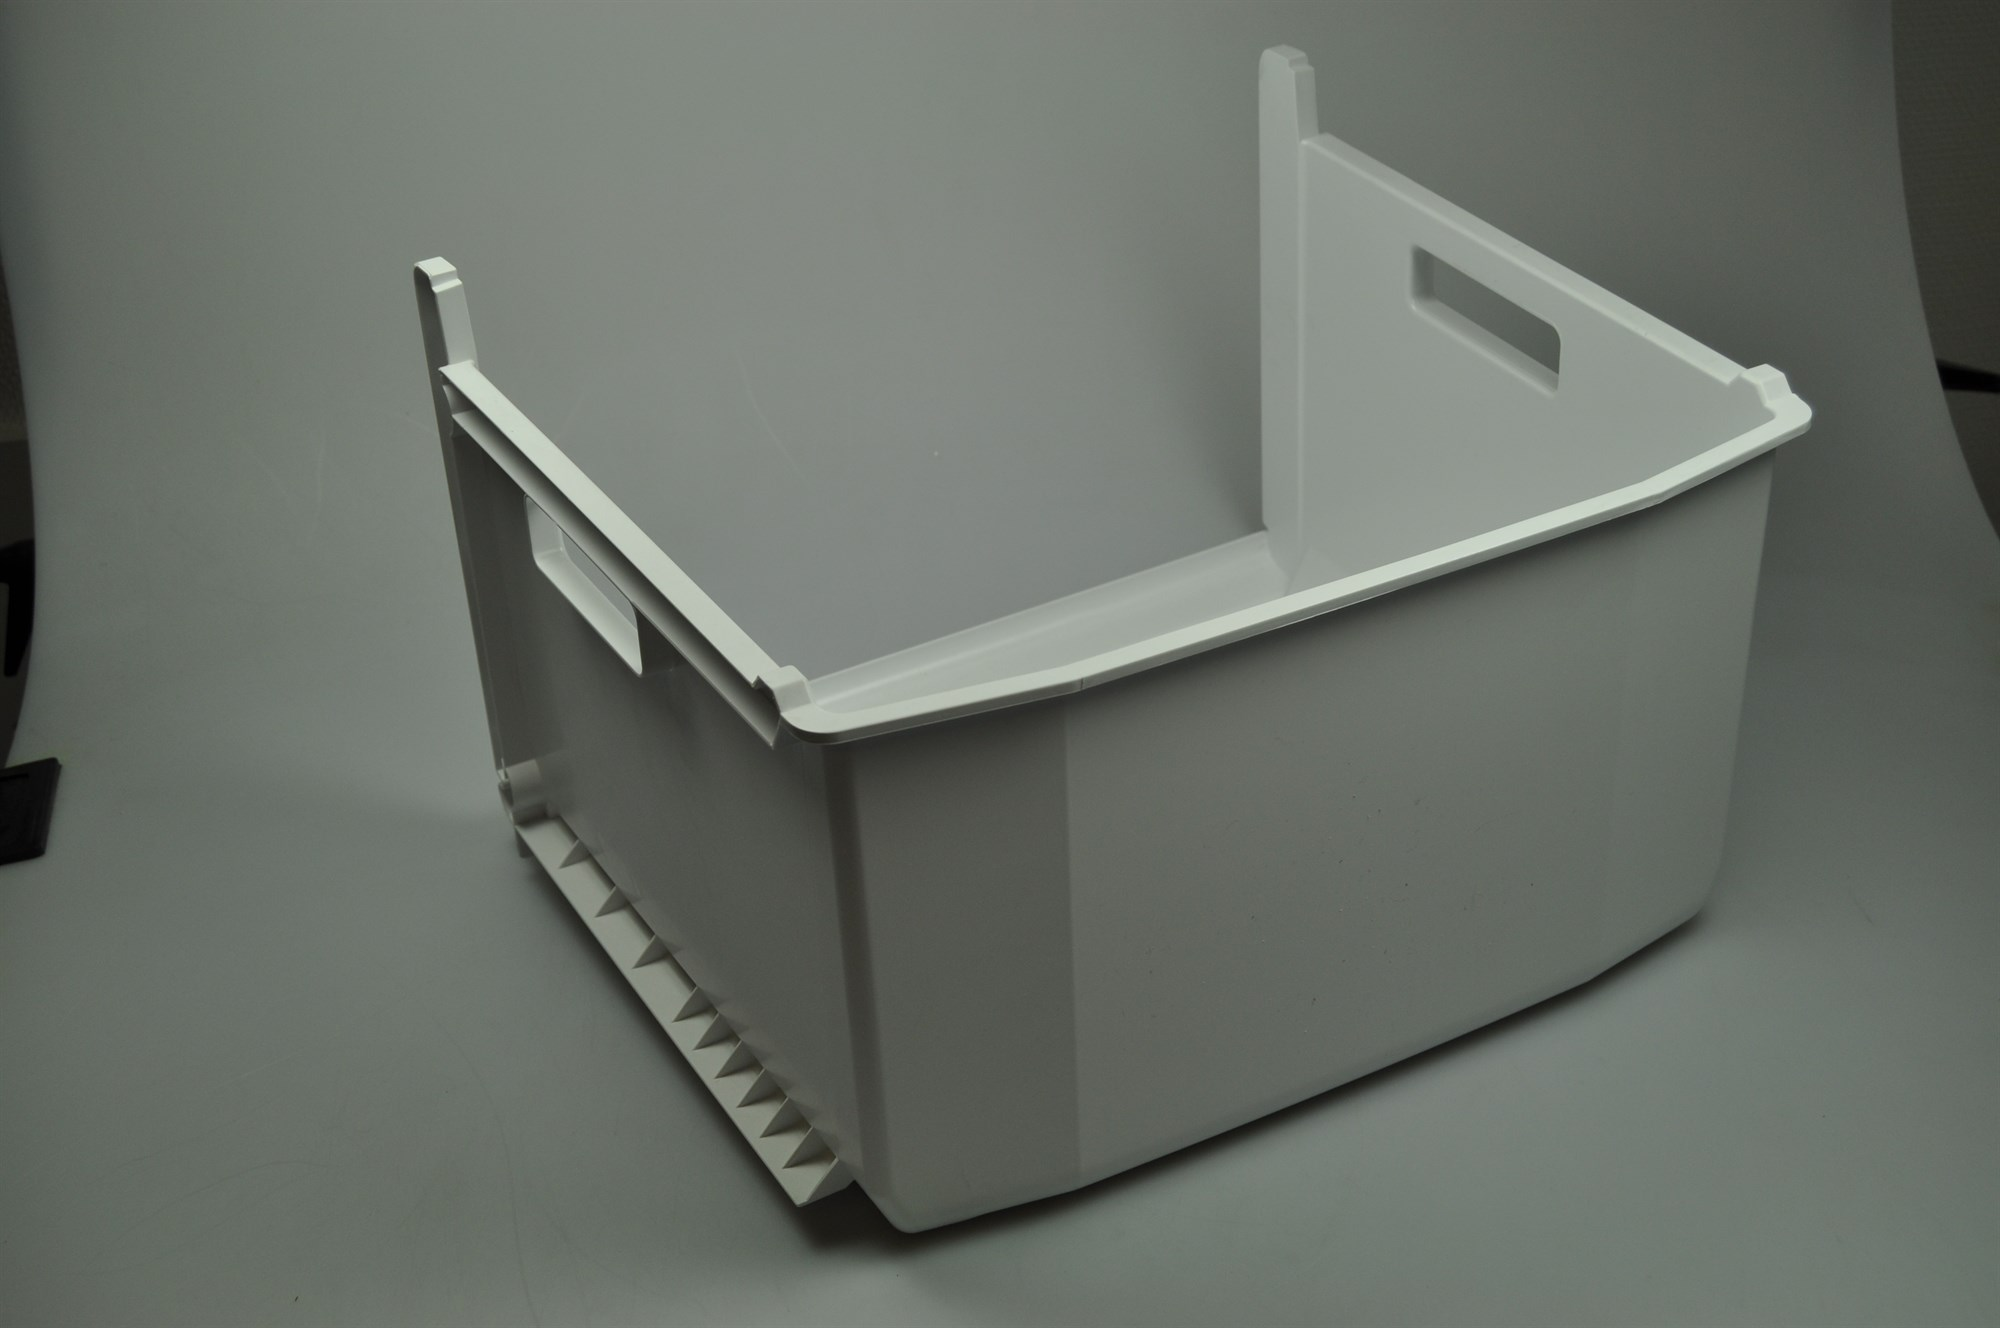 Siemens Kühlschrank Ersatzteile Gemüsefach : Gefrierschublade siemens kühl & gefrierschrank